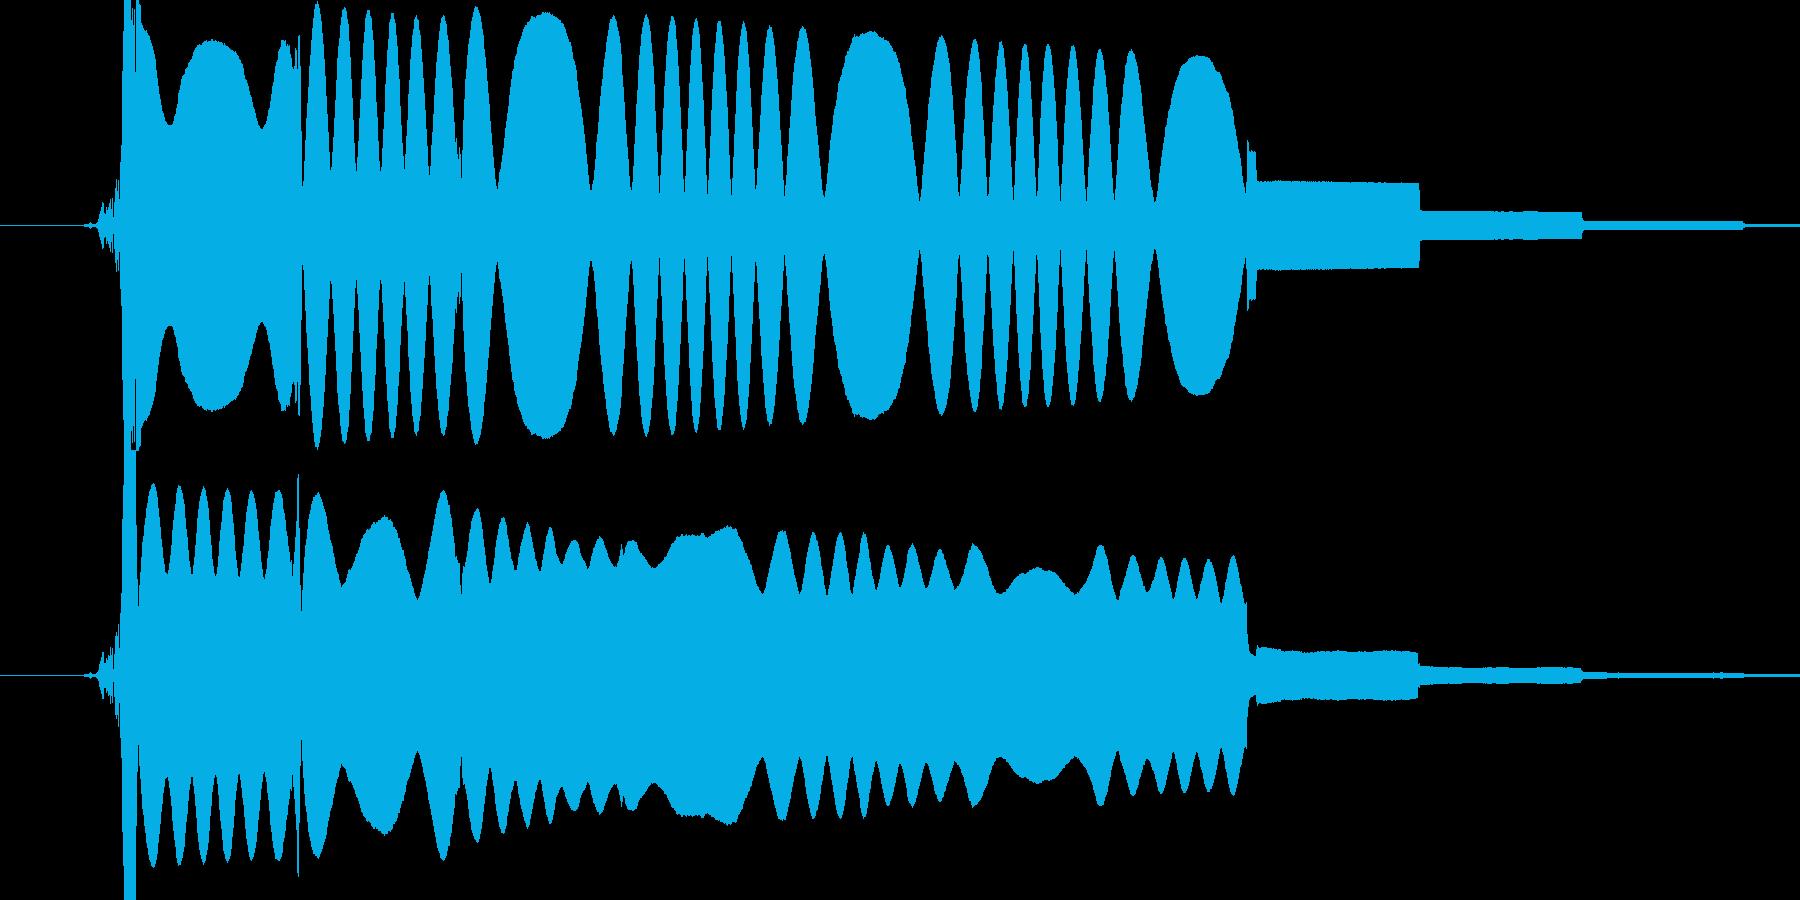 人工的な電波の音です。の再生済みの波形